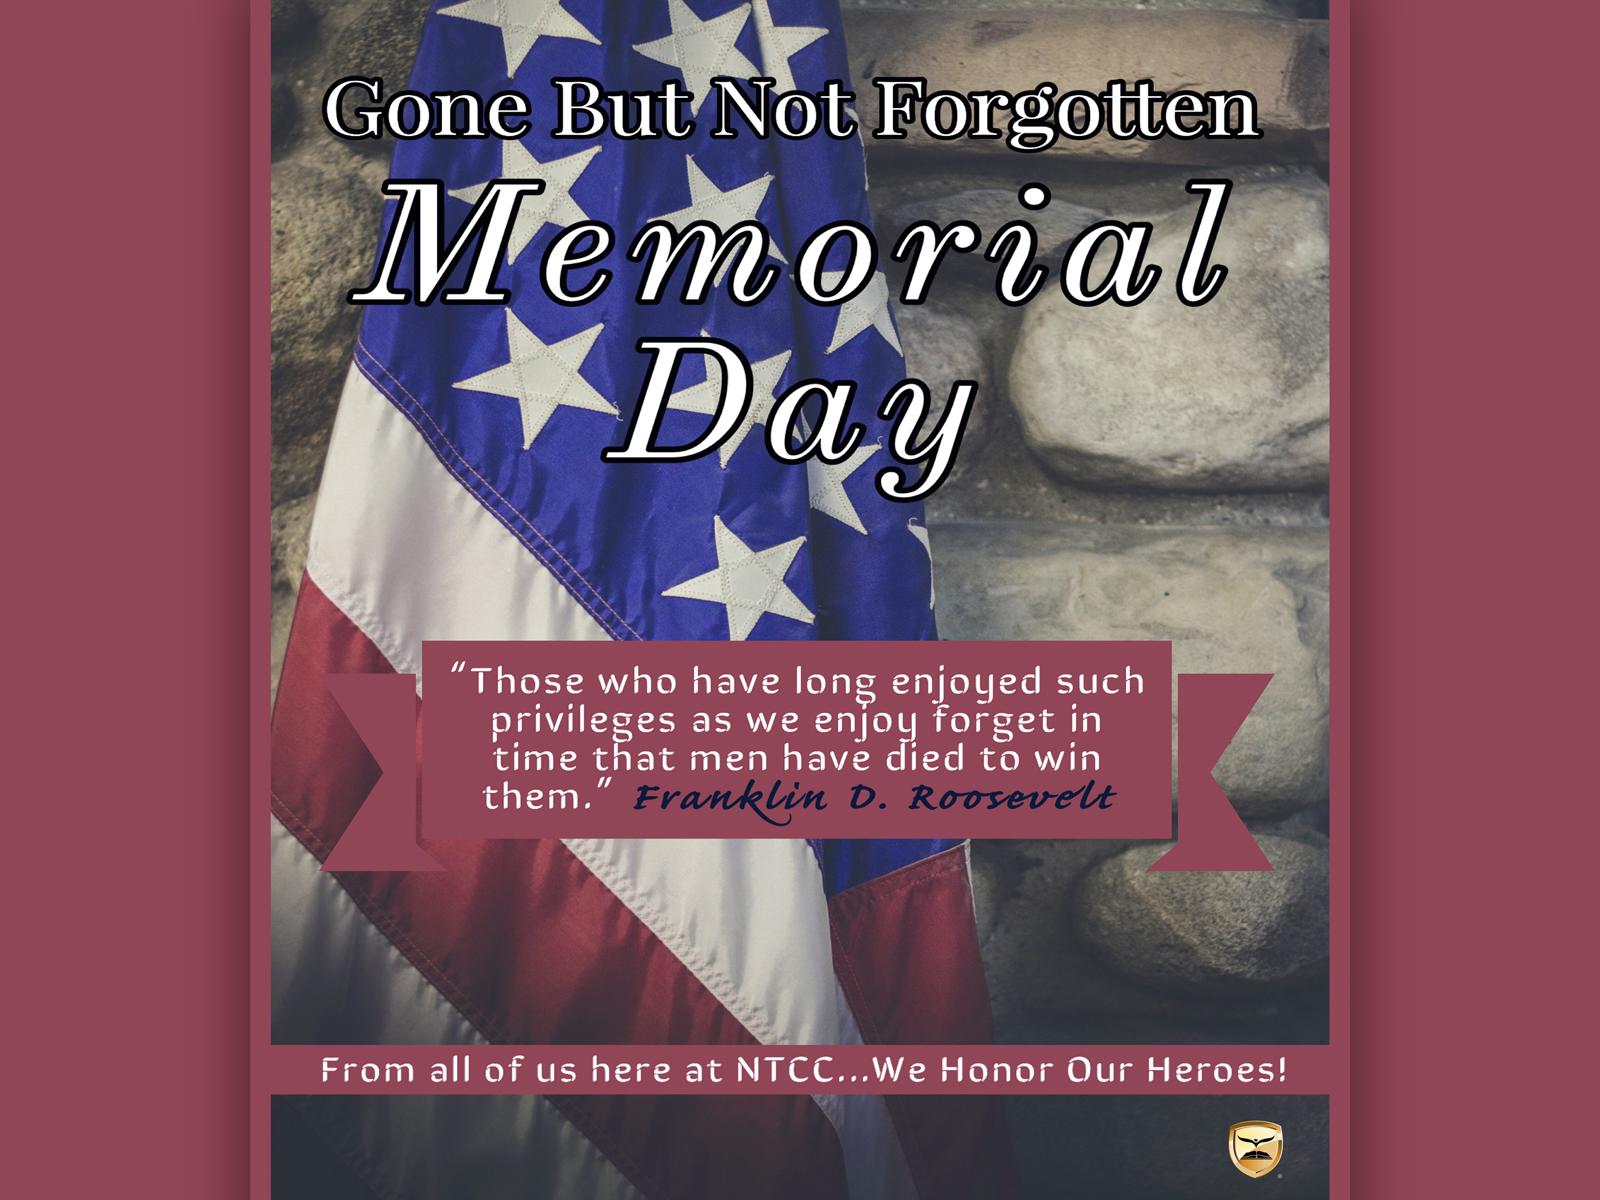 ntcc-memorial-day-2020-4x3